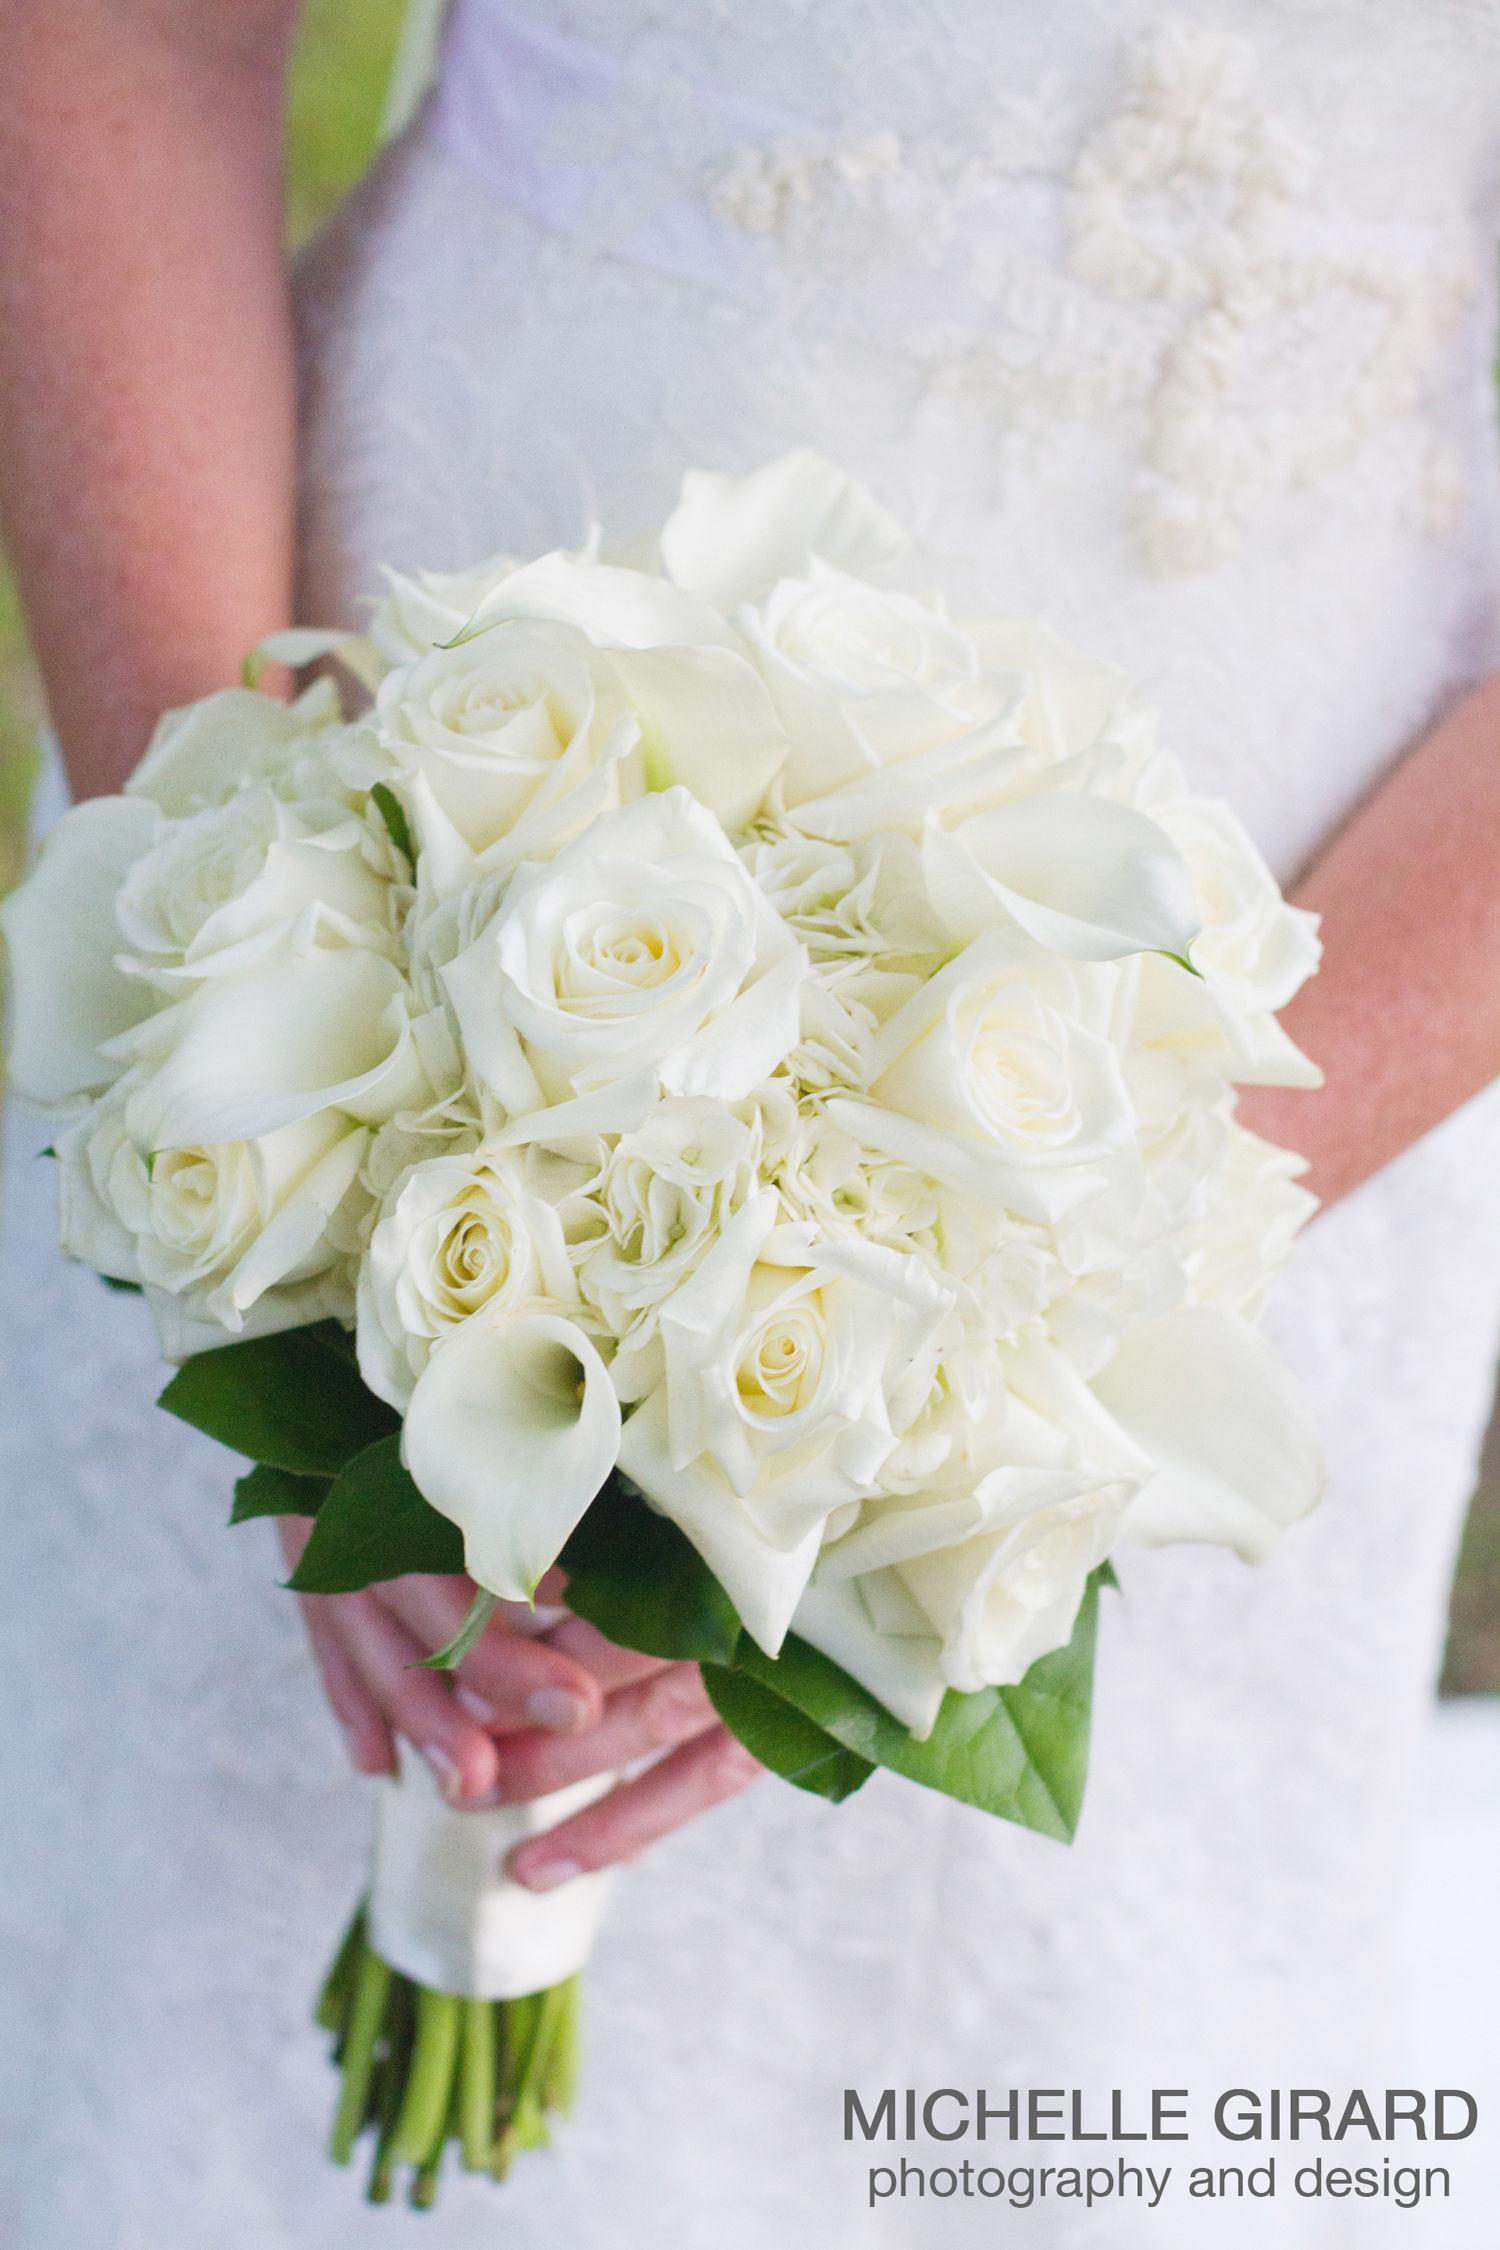 More Bouquets